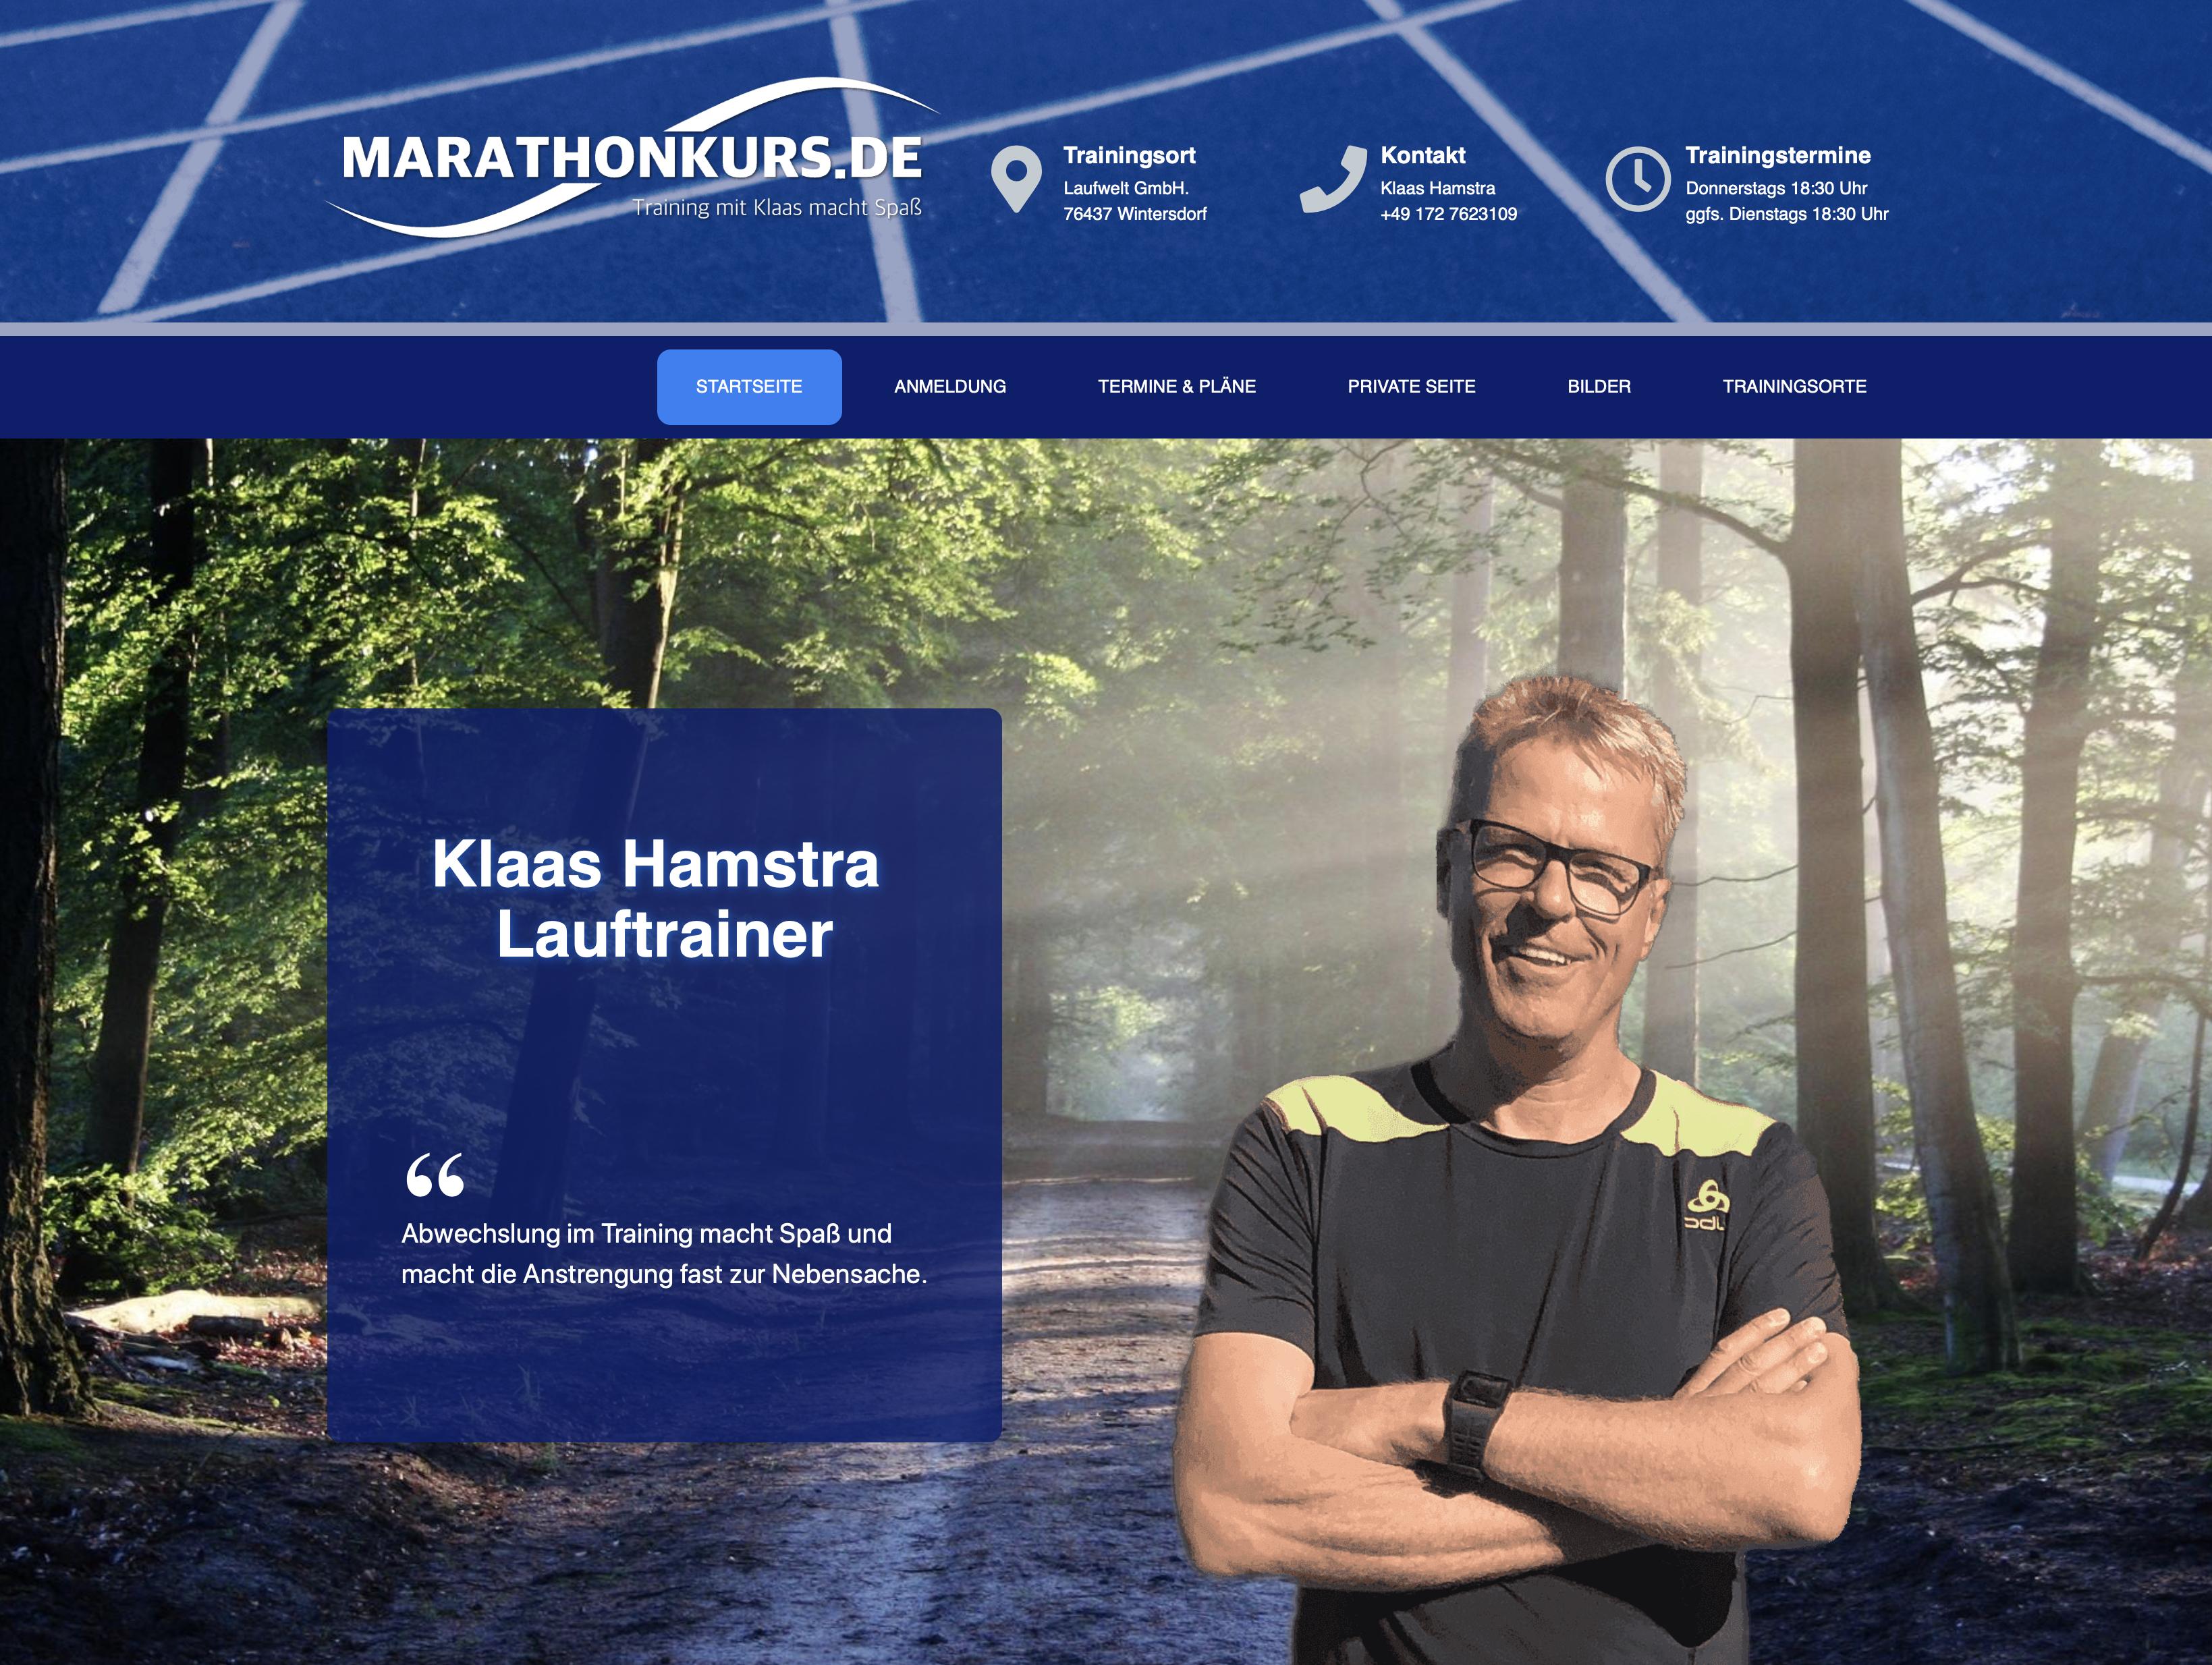 marathonkurs.de Homepage